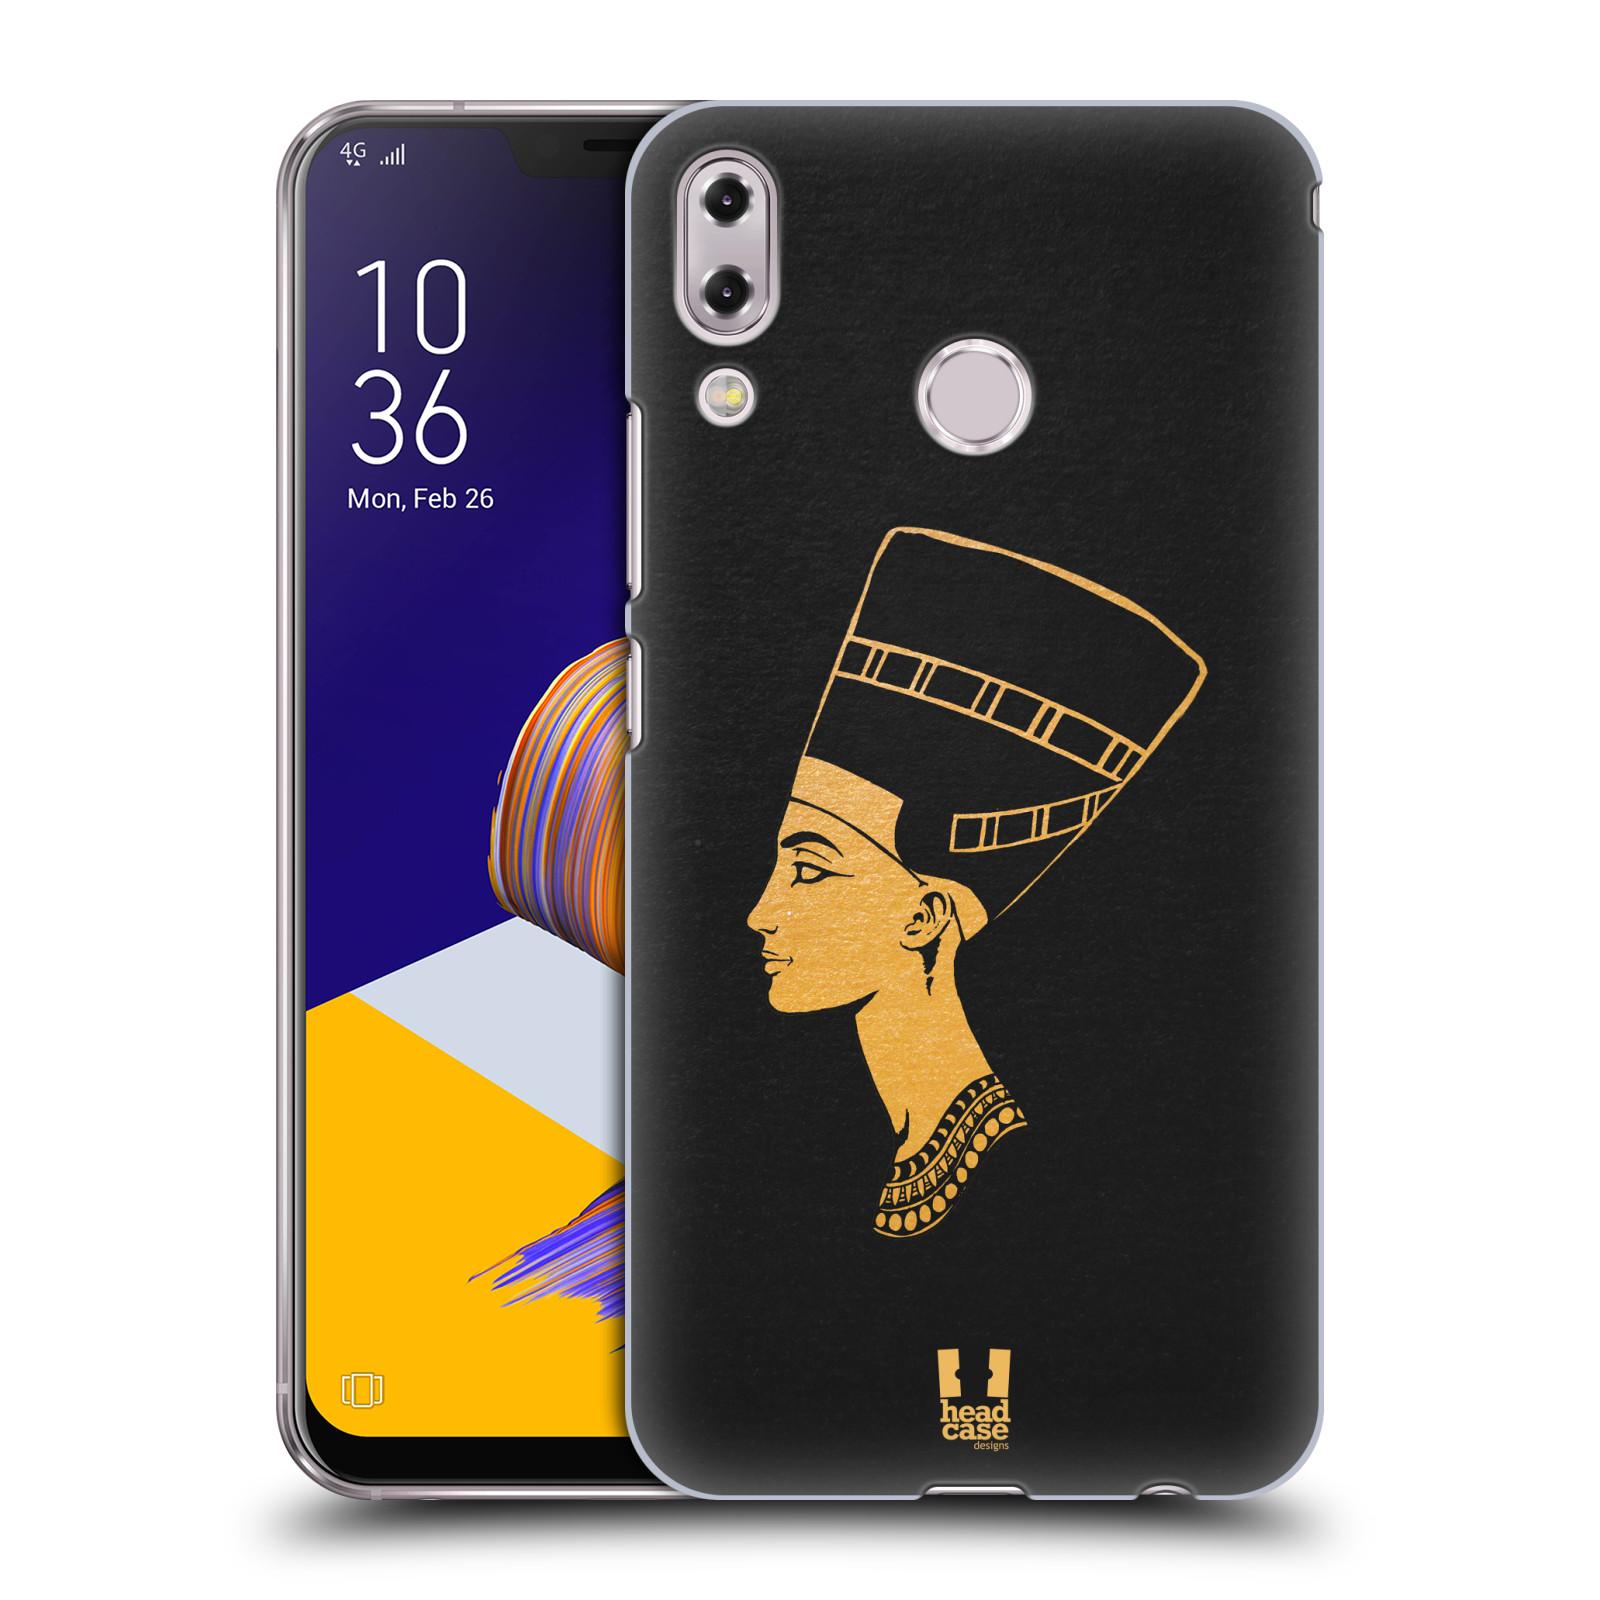 Plastové pouzdro na mobil Asus Zenfone 5z ZS620KL - Head Case - EGYPT NEFERTITI (Plastový kryt či obal na mobilní telefon Asus Zenfone 5z (ZS620KL) s motivem EGYPT NEFERTITI)